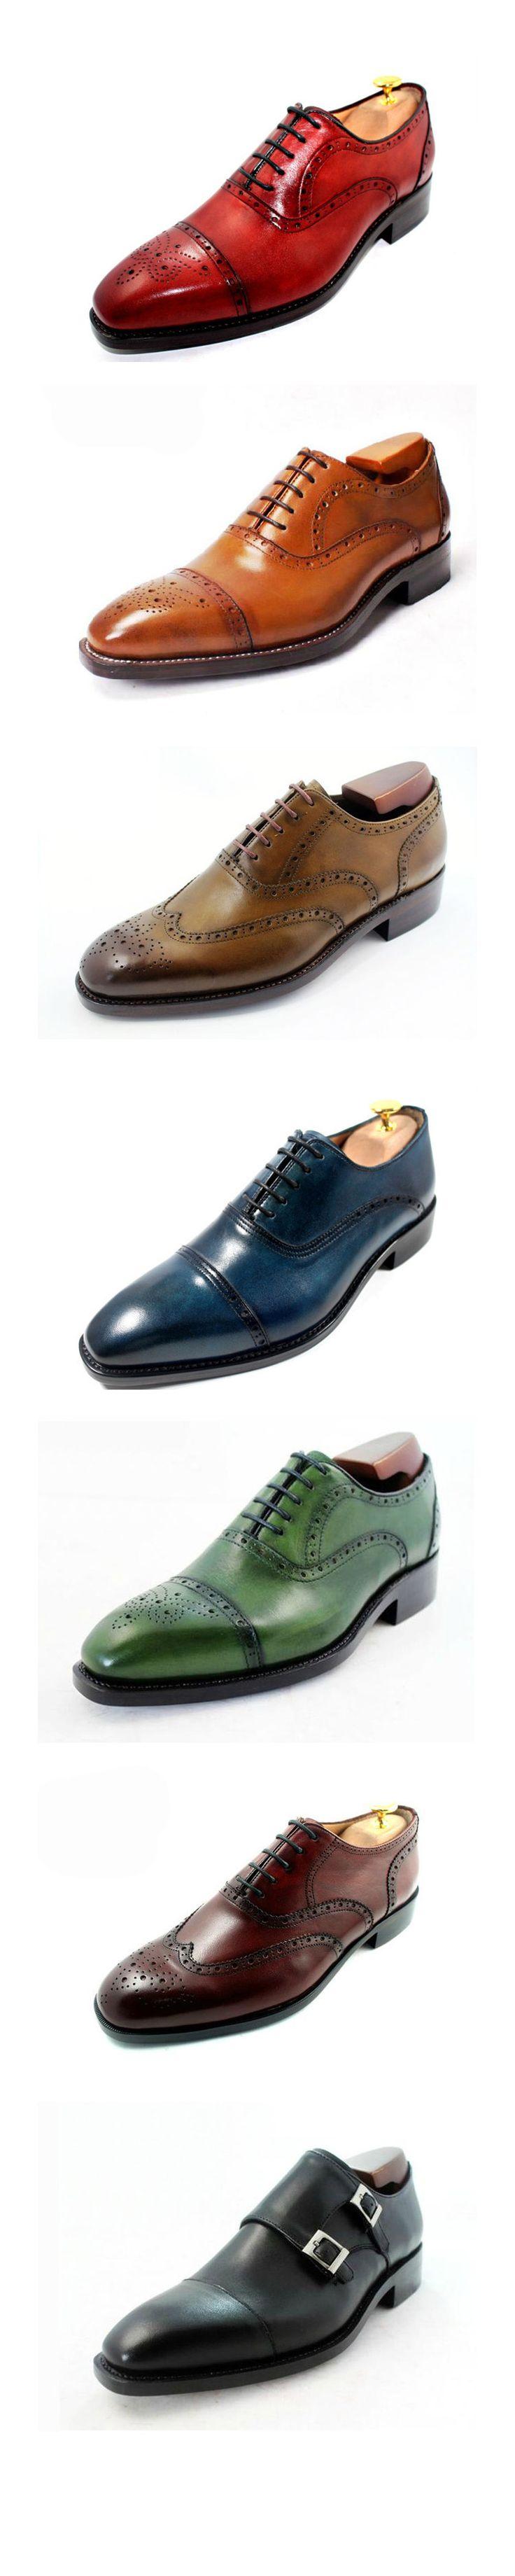 Best 25 Men Dress Shoes Ideas On Pinterest Men S Dress Shoes